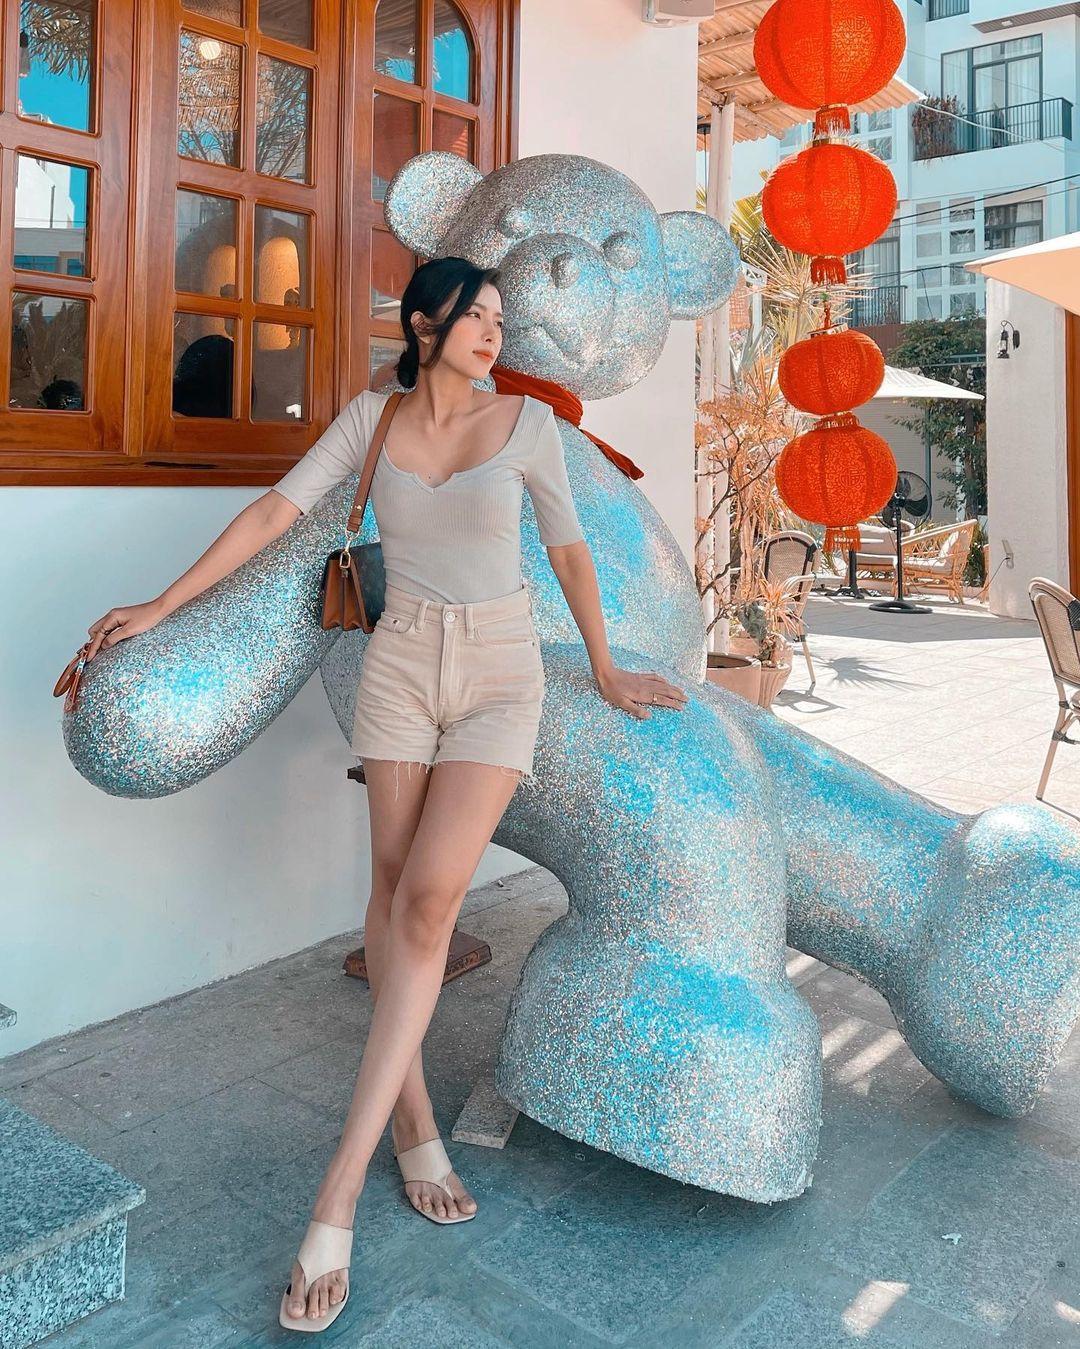 Lên cô dâu xinh đẹp xuất sắc, ngoài đời thường vợ của Phan Mạnh Quỳnh còn là quý cô hàng hiệu, mỗi ngày diện một chiếc túi xa xỉ đụng hàng cả dàn sao Vbiz - Ảnh 10.